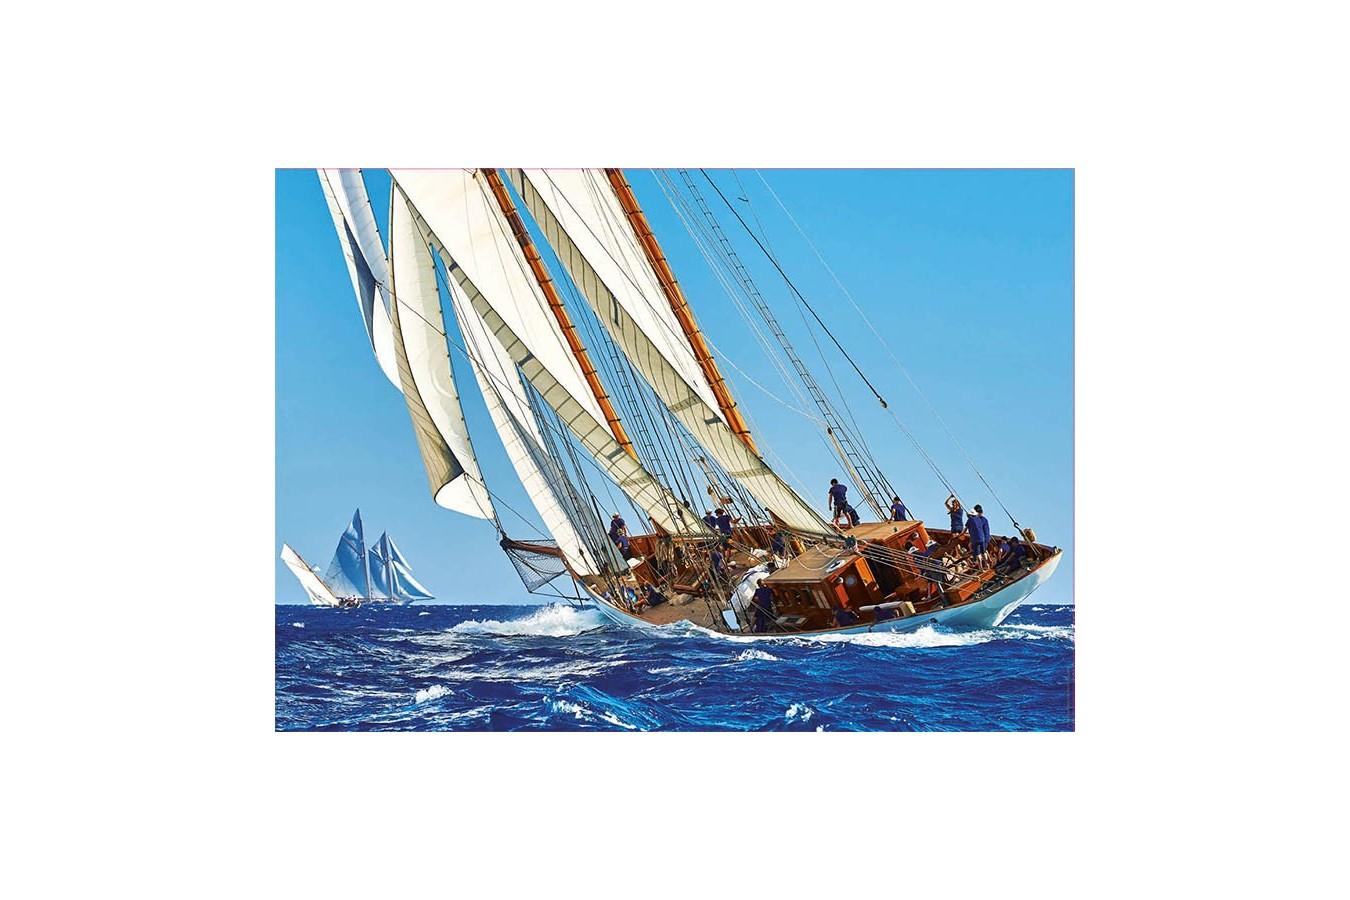 Puzzle Educa - Sailboat, 1.000 piese (18490)